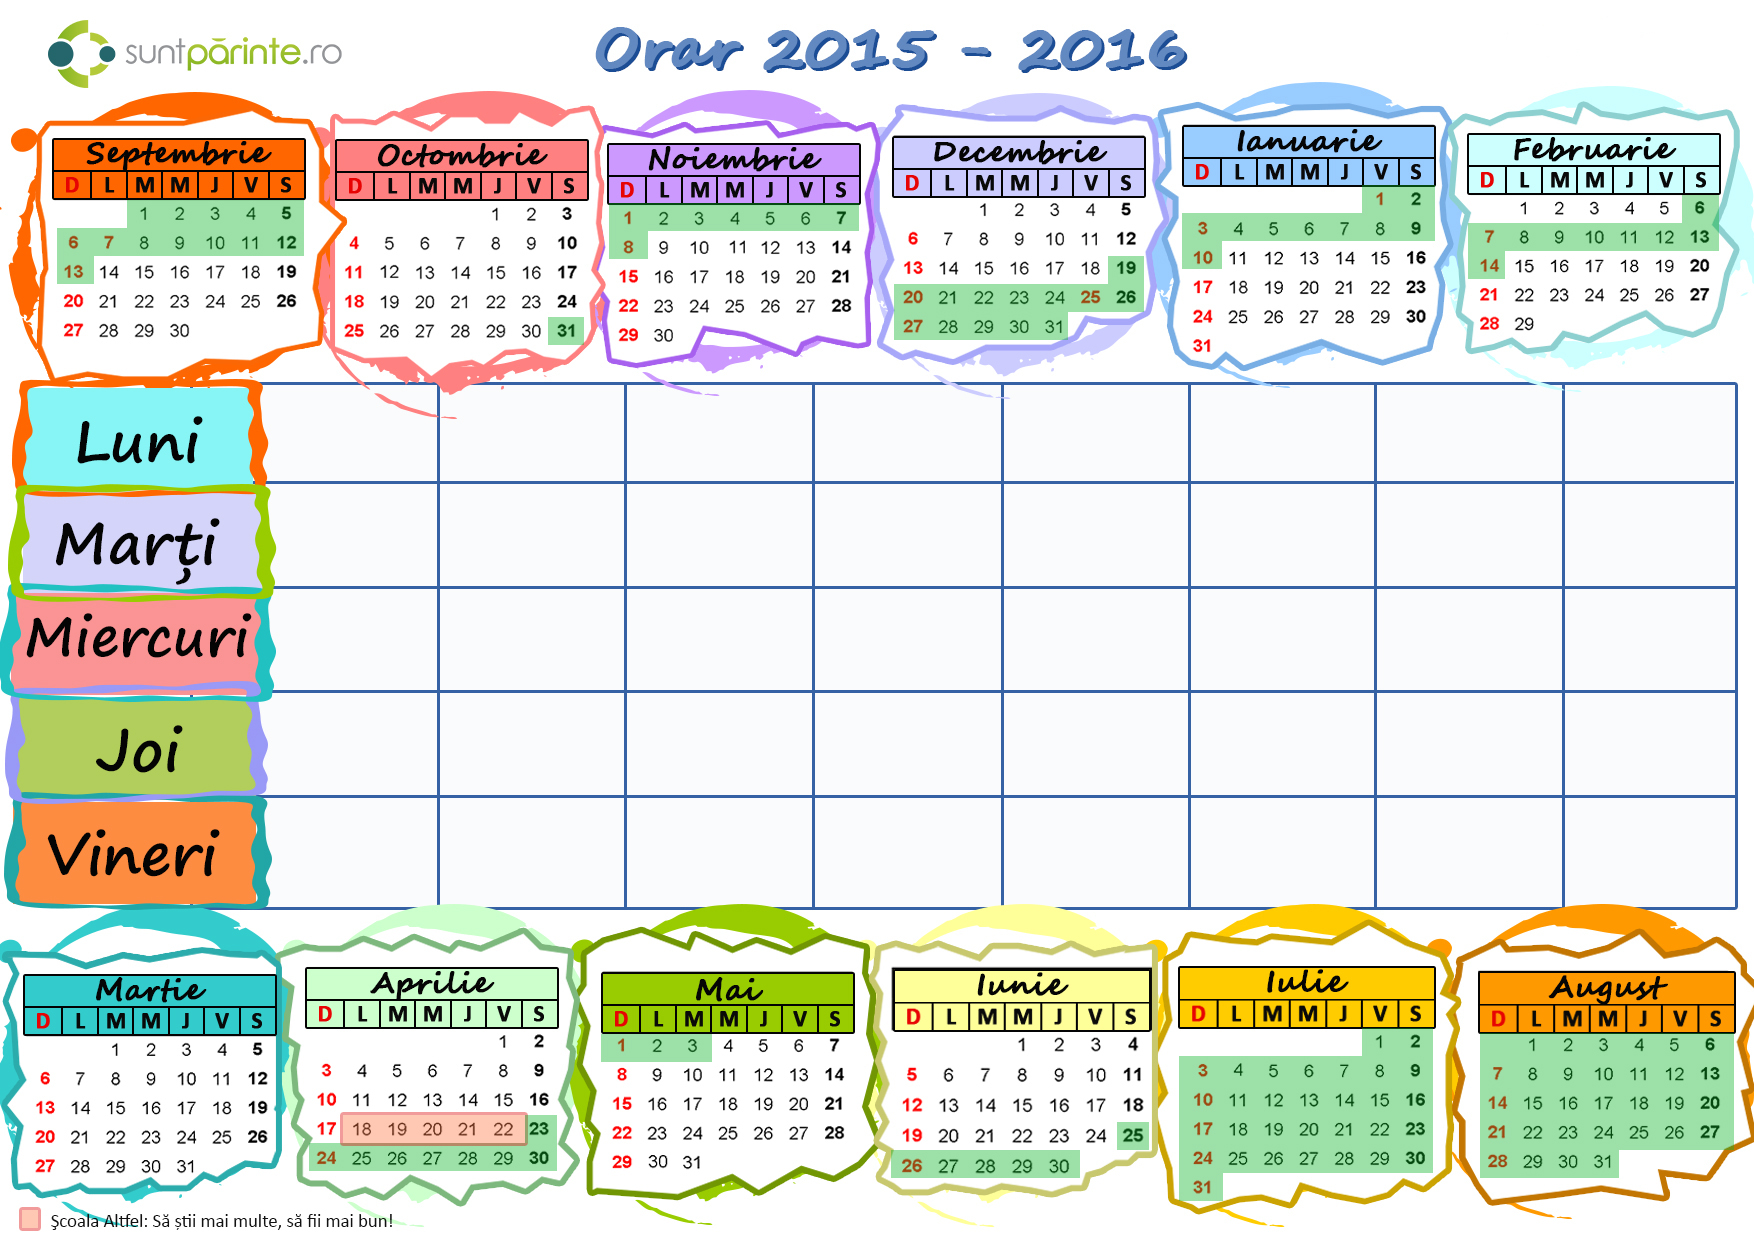 ... Anului Scolar 2015 2016 Calendar | Search Results | Calendar 2015